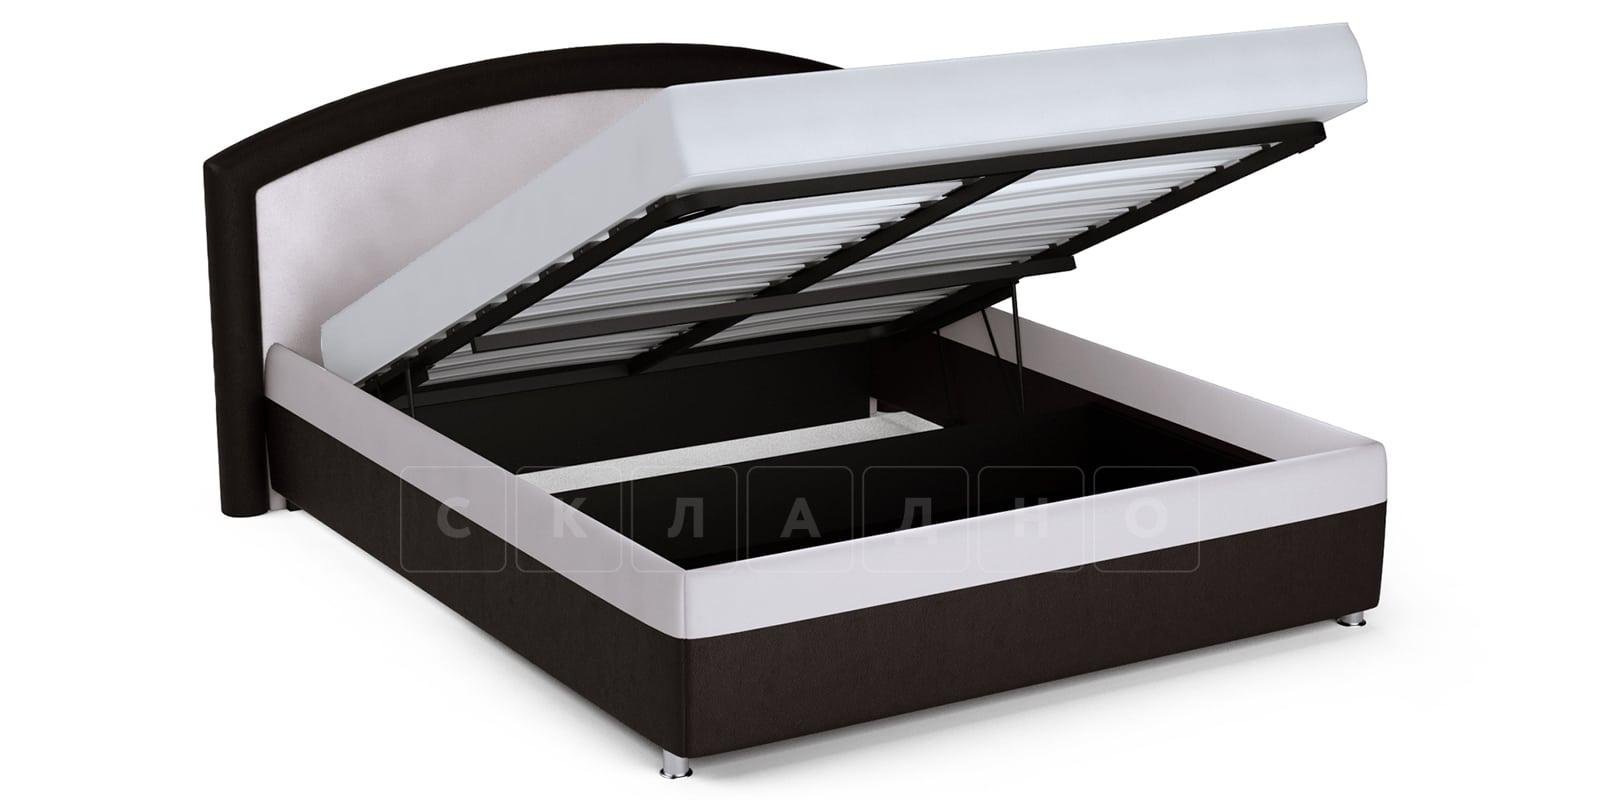 Мягкая кровать Малибу 160см экокожа белый-шоколад вариант 8 фото 5   интернет-магазин Складно